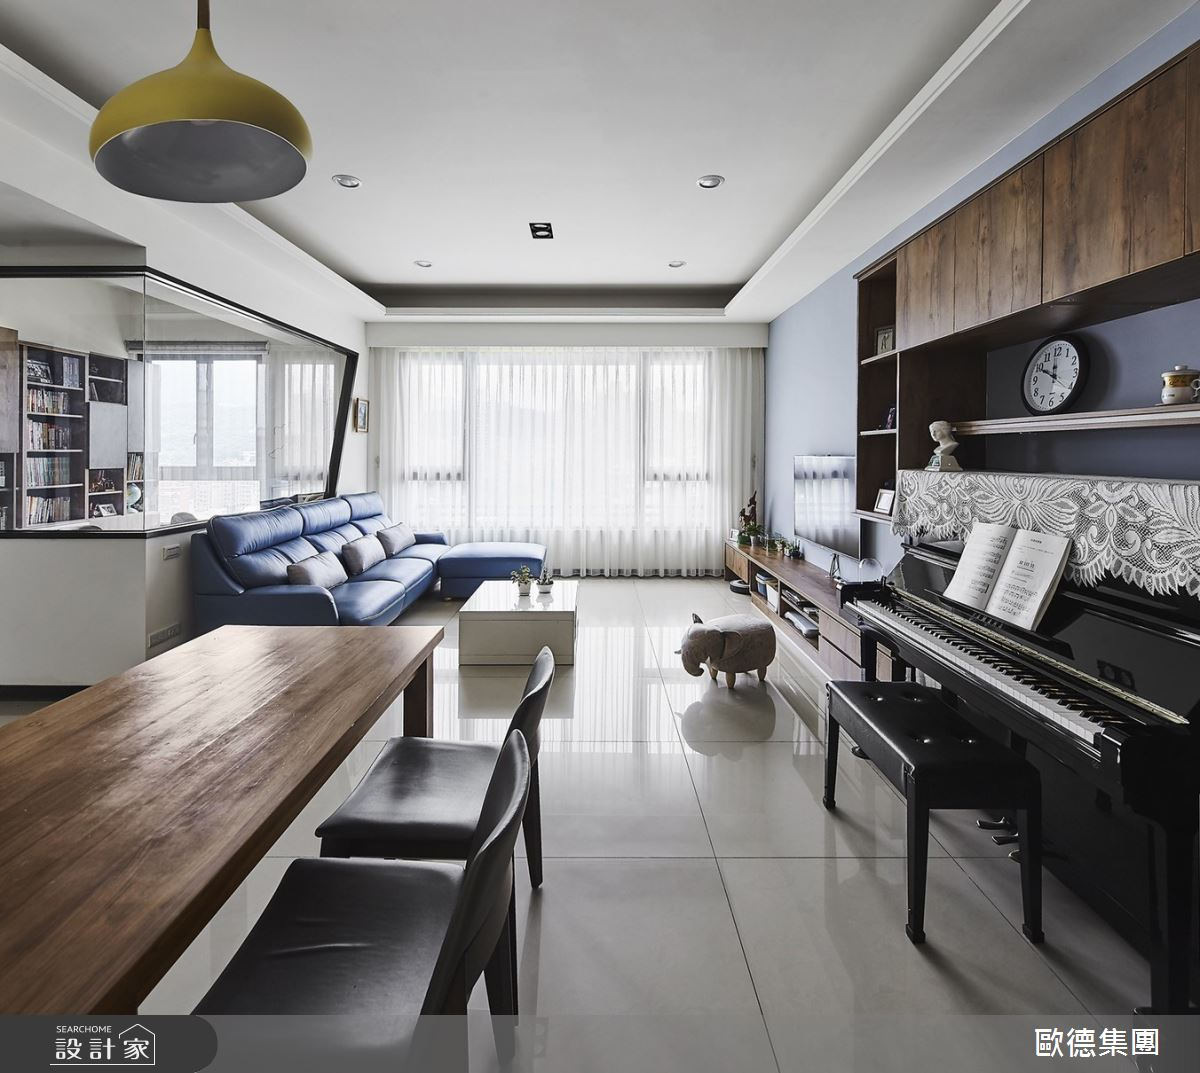 33坪新成屋(5年以下)_現代風餐廳案例圖片_台灣歐德傢俱股份有限公司_歐德_120之2